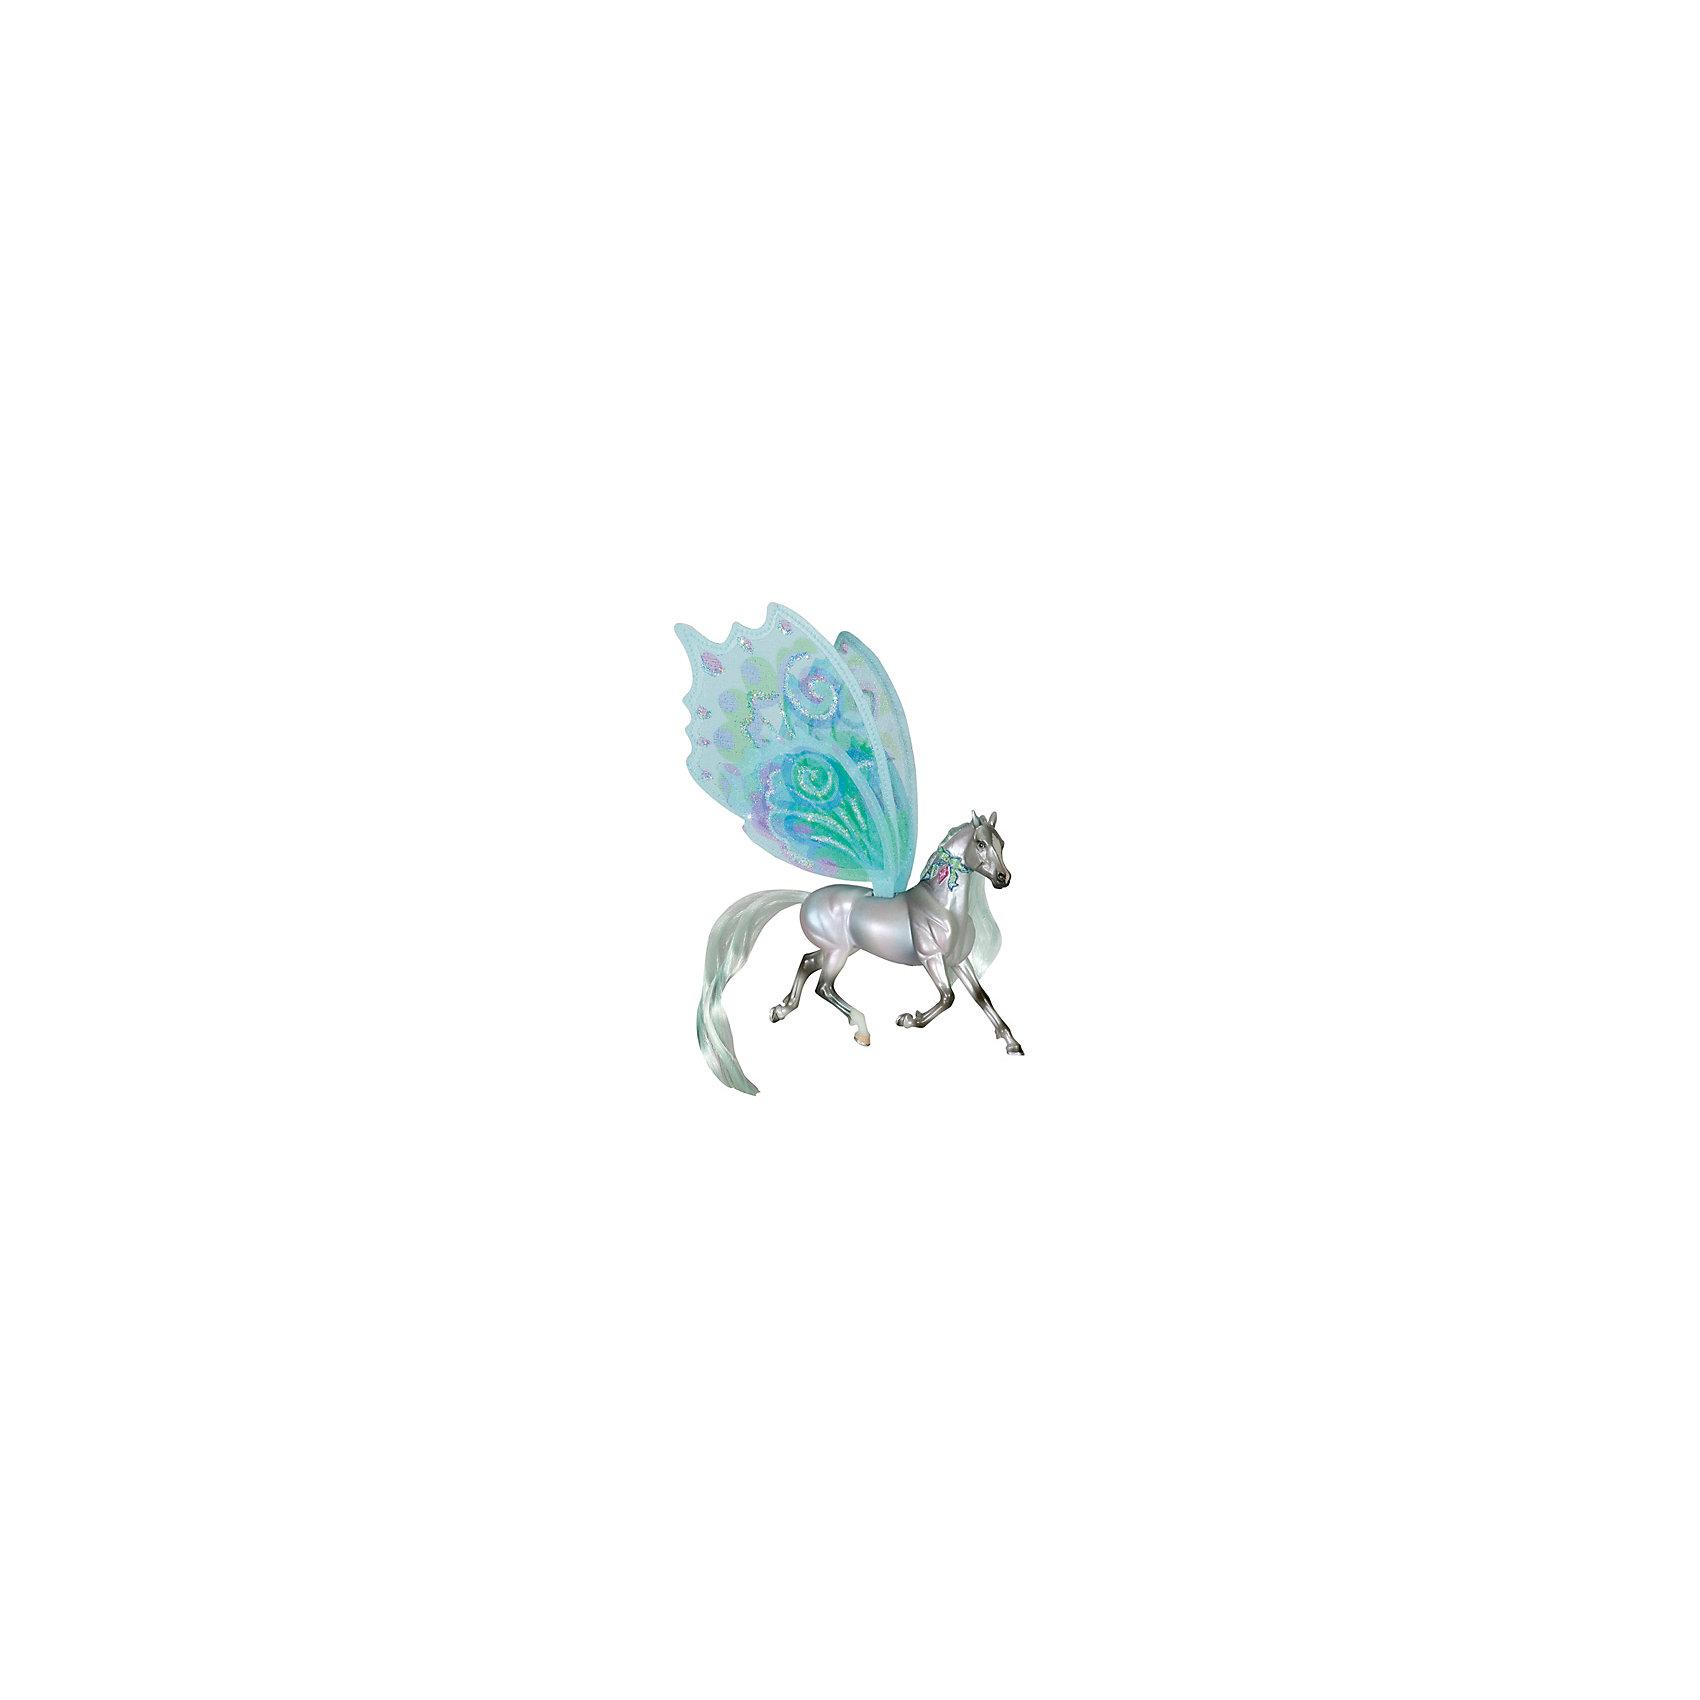 Лошадка с крыльями Суматра, серия Танцы ветра, BreyerЛошадка с крыльями Суматра, серия Танцы ветра, Breyer, станет отличным подарком для всех любителей этих грациозных животных. Очаровательная лошадка Суматра - героиня третьей книги Танцы Ветра из целой серии книг, изданных международным книжным издательством Macmillan Publishers. Она самая мудрая и таинственная, и такая же красивая и загадочная, как океан. Фигурка поразит Вас тщательной проработкой всех деталей и реалистичностью. У лошадки серебристое туловище с голубым отливом, роскошные блестящие грива и хвост цвета морской волны. На спине Суматры шелковые полупрозрачные крылья, выполненные в нежных бирюзовых и зеленых тонах. Лошадку украшает волшебная лента на шее, которая развивается, приглашая всех танцевать.<br><br>Лошадки, созданные мастерами компании Breyer (Бреер), являются самыми реалистичными копиями лошадей. Они отличаются точностью линий, тщательной проработкой мелких деталей и ручной росписью. Каждая лошадка особенная и не похожая на других, это настоящее произведение искусства, которое будет радовать не только детей, но и взрослых.<br><br>Дополнительная информация:<br><br>- Материал: пластик, текстиль.<br>- Размер игрушки: 11,5 х 9 см.<br>- Размер упаковки: 19 х 4 х 27 см.<br>- Вес: 0,3 кг.<br><br>Лошадку с крыльями Суматра, серия Танцы ветра, Breyer, можно купить в нашем интернет-магазине.<br><br>Ширина мм: 190<br>Глубина мм: 40<br>Высота мм: 270<br>Вес г: 300<br>Возраст от месяцев: 36<br>Возраст до месяцев: 1188<br>Пол: Унисекс<br>Возраст: Детский<br>SKU: 4552540